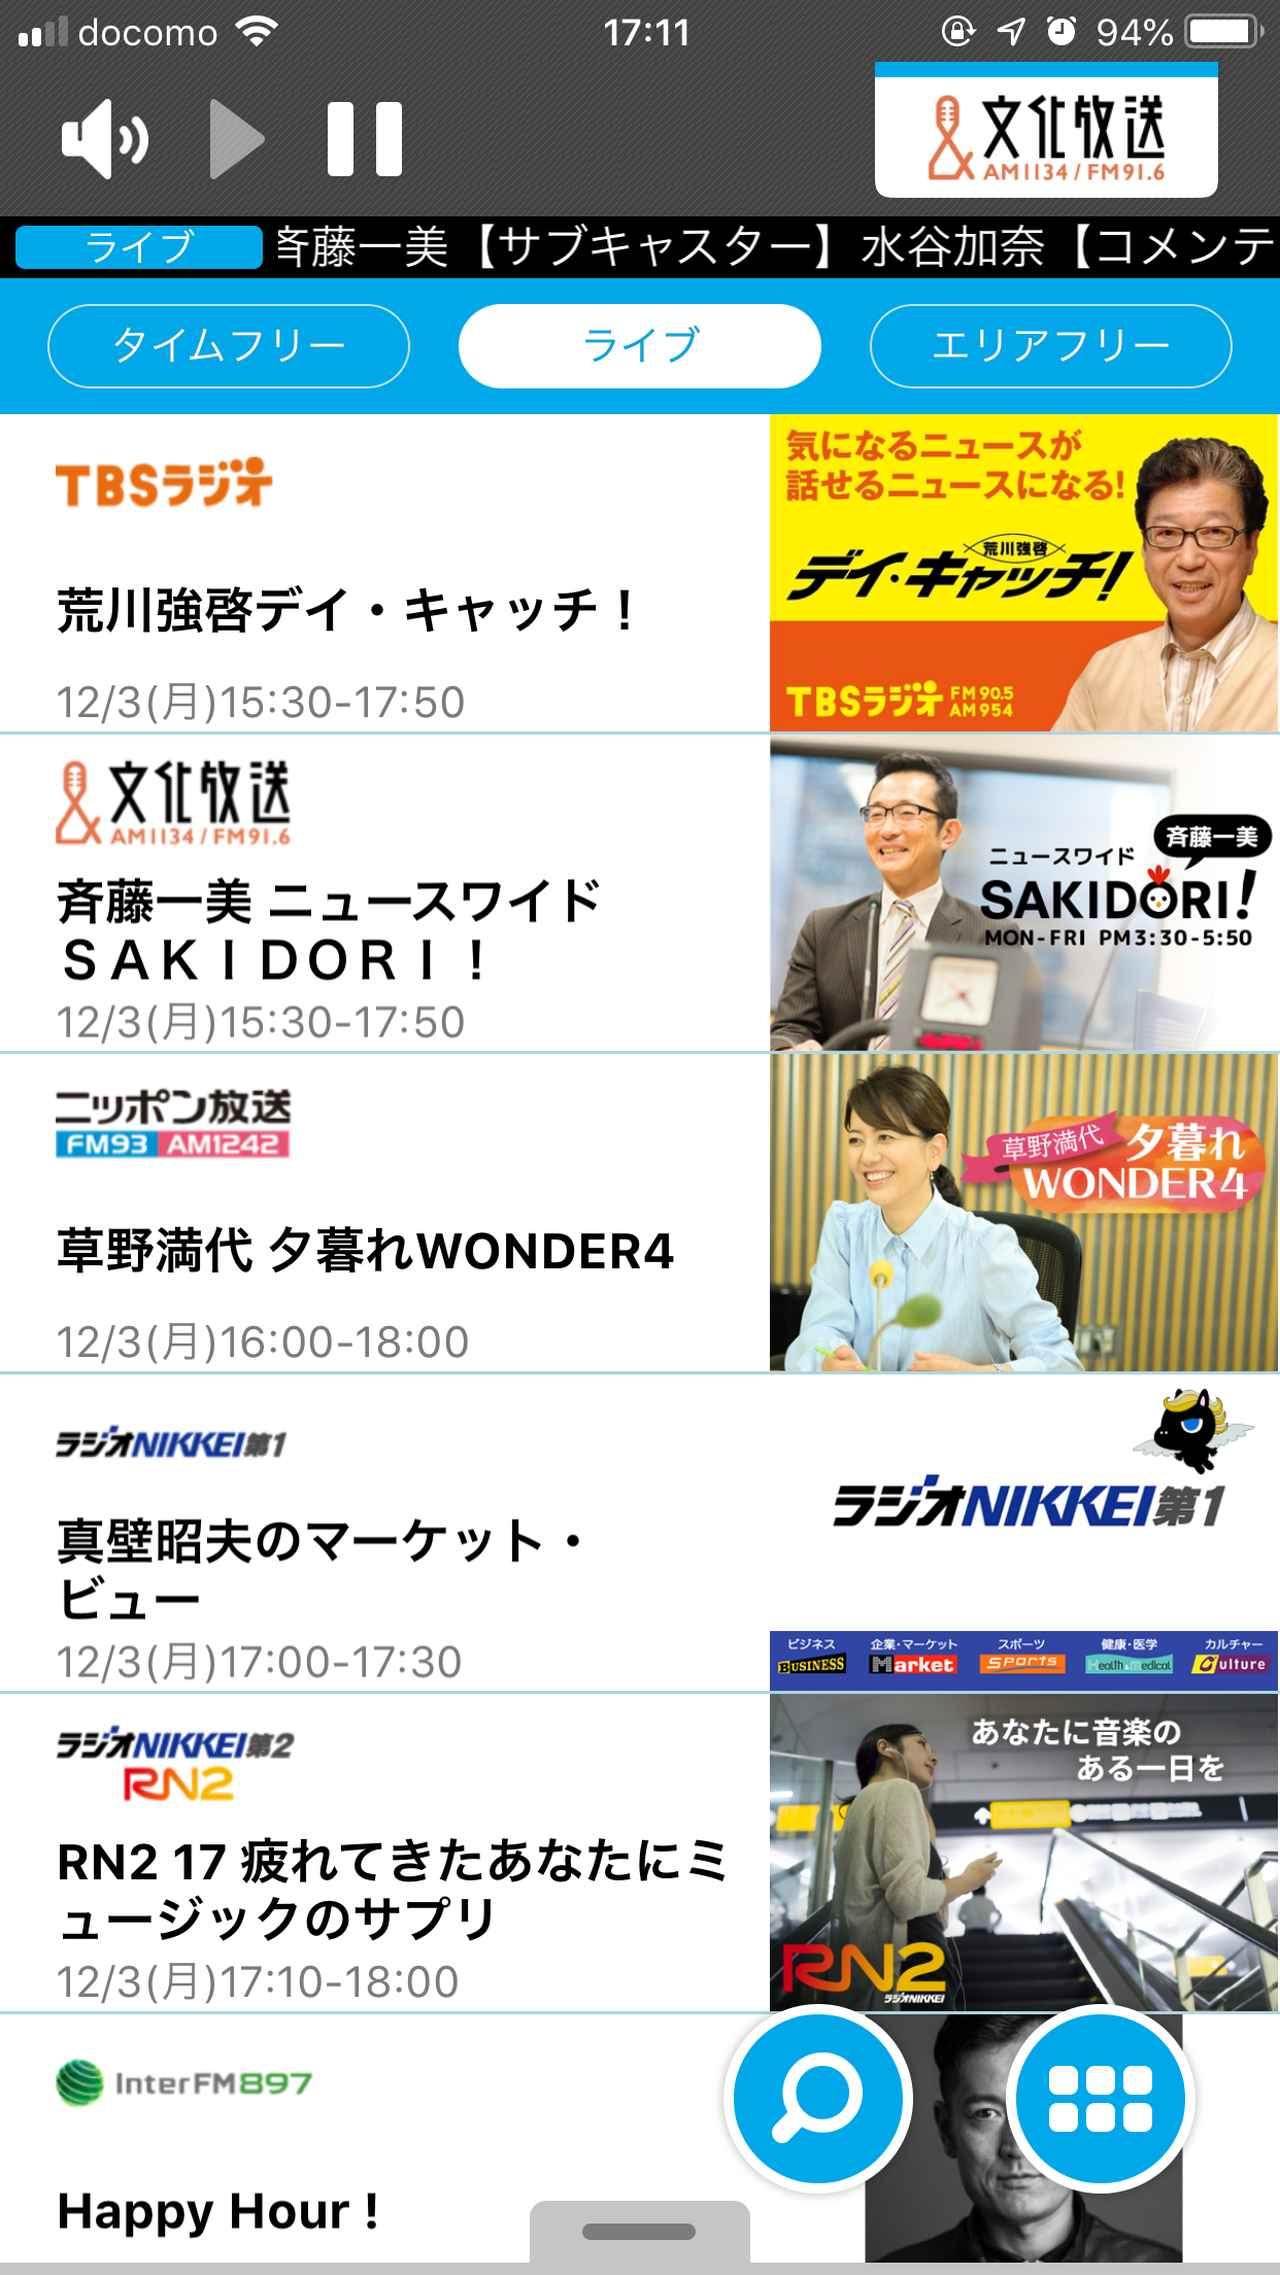 画像: スマホのアプリでラジオ放送が楽しめるradiko.jp